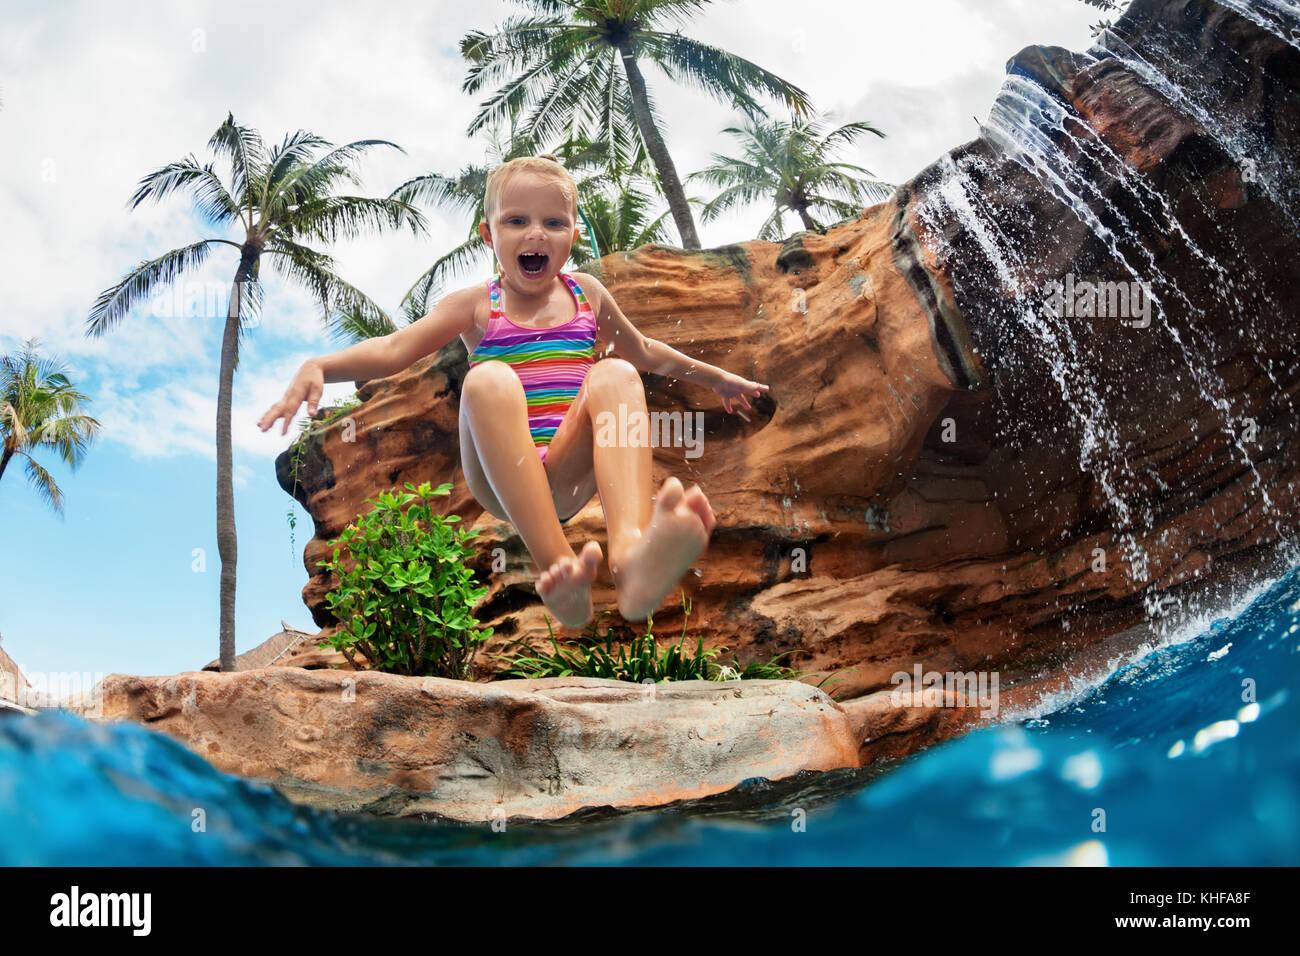 Lustig Kind lernen mit Spass zu schwimmen. Mädchen springen hoch mit Spritzer ins Wasser Pool unter Wasserfall. Stockbild